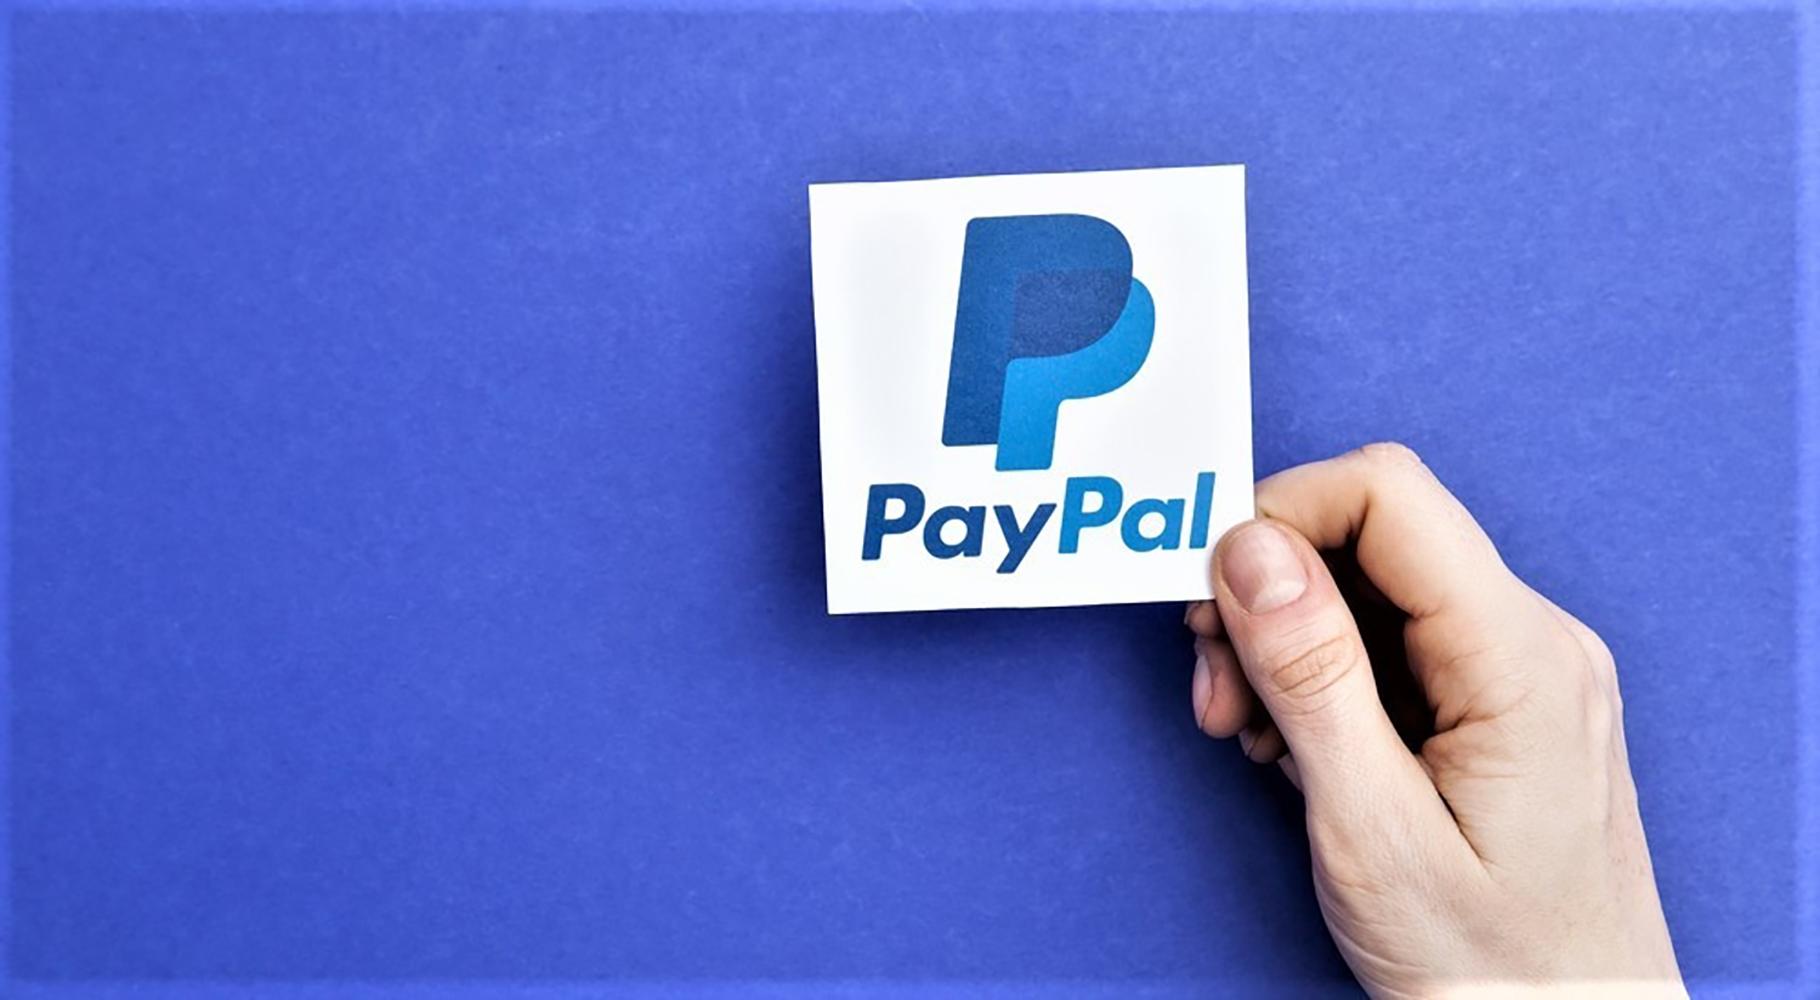 ¿Te han pirateado la cuenta de PayPal? Aprende a protegerte.